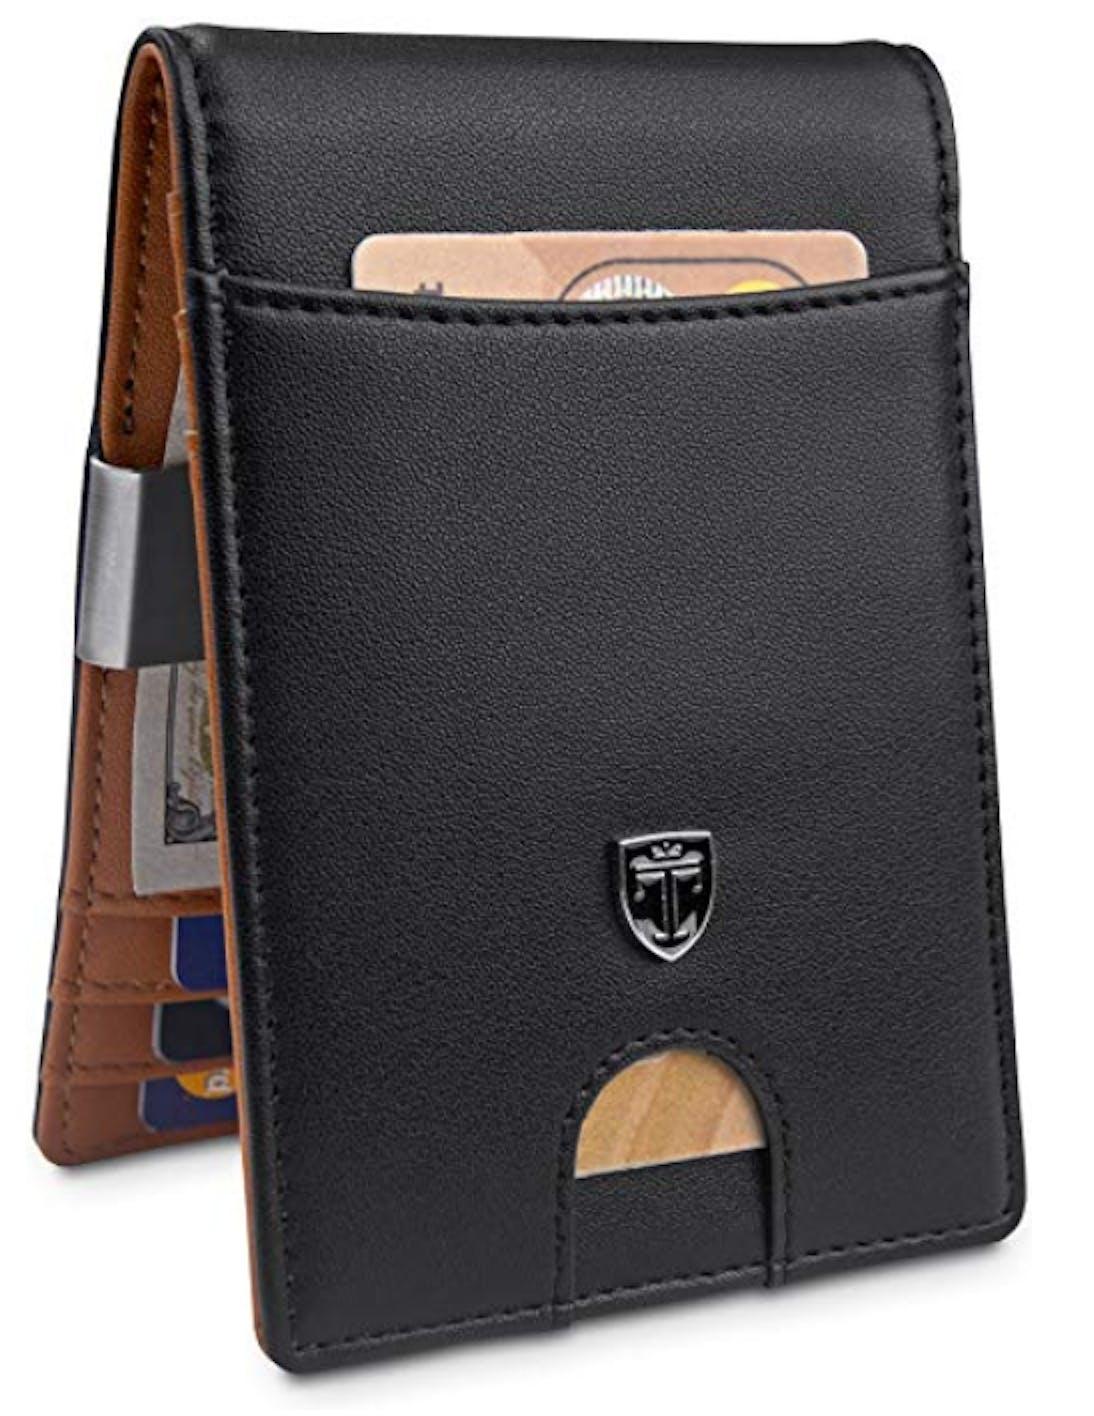 Travando Slim Wallet